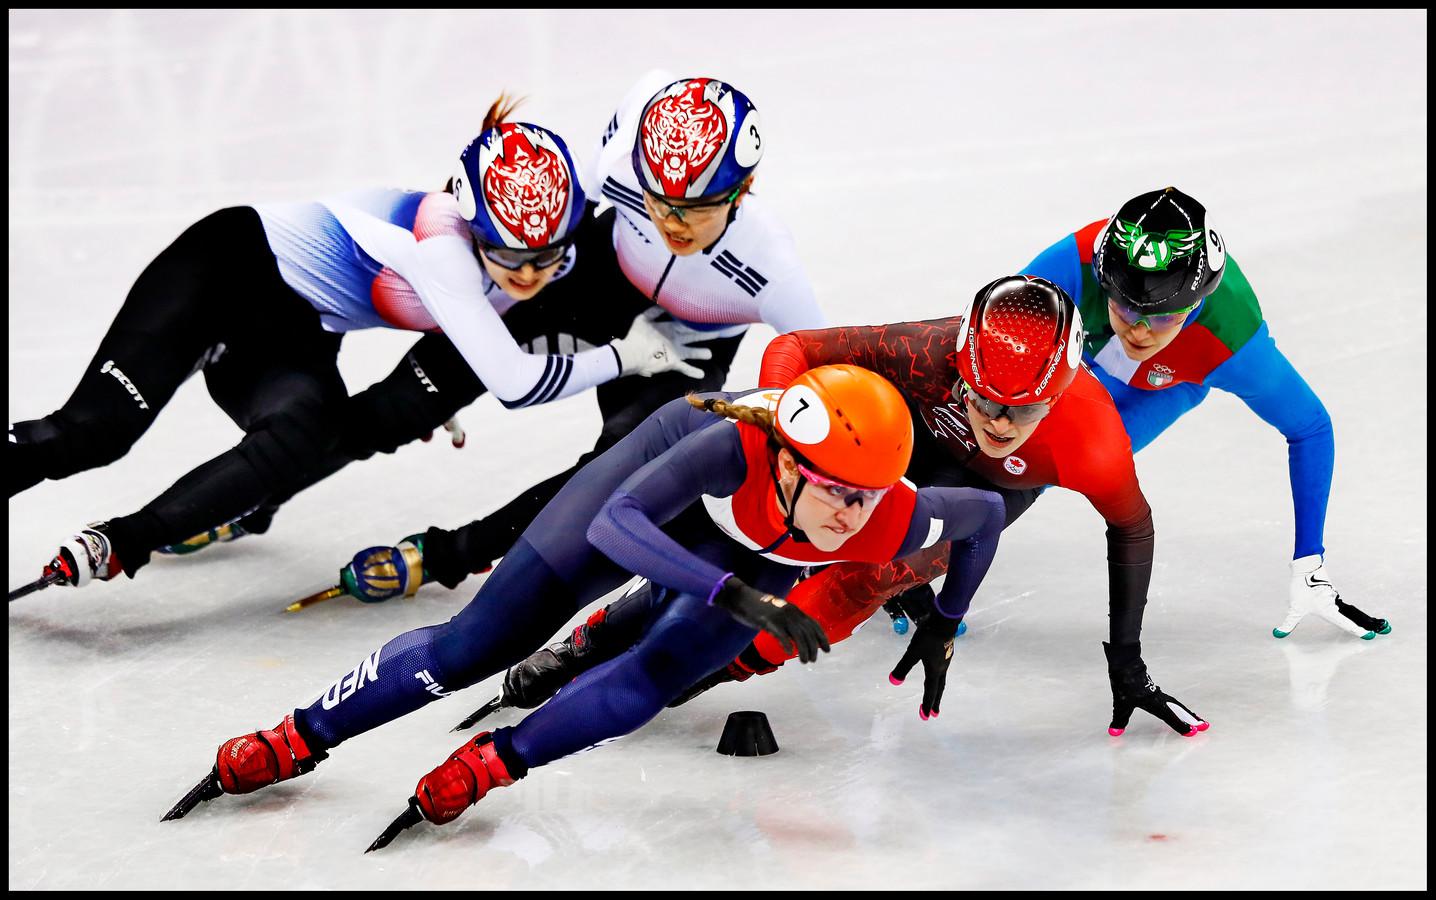 Suzanne Schulting profiteert in de laatste ronde van de val van de twee Koreaanse dames en gaat als eerste op de finish af waar zij olympisch kampioen op de 1000 meter wordt.